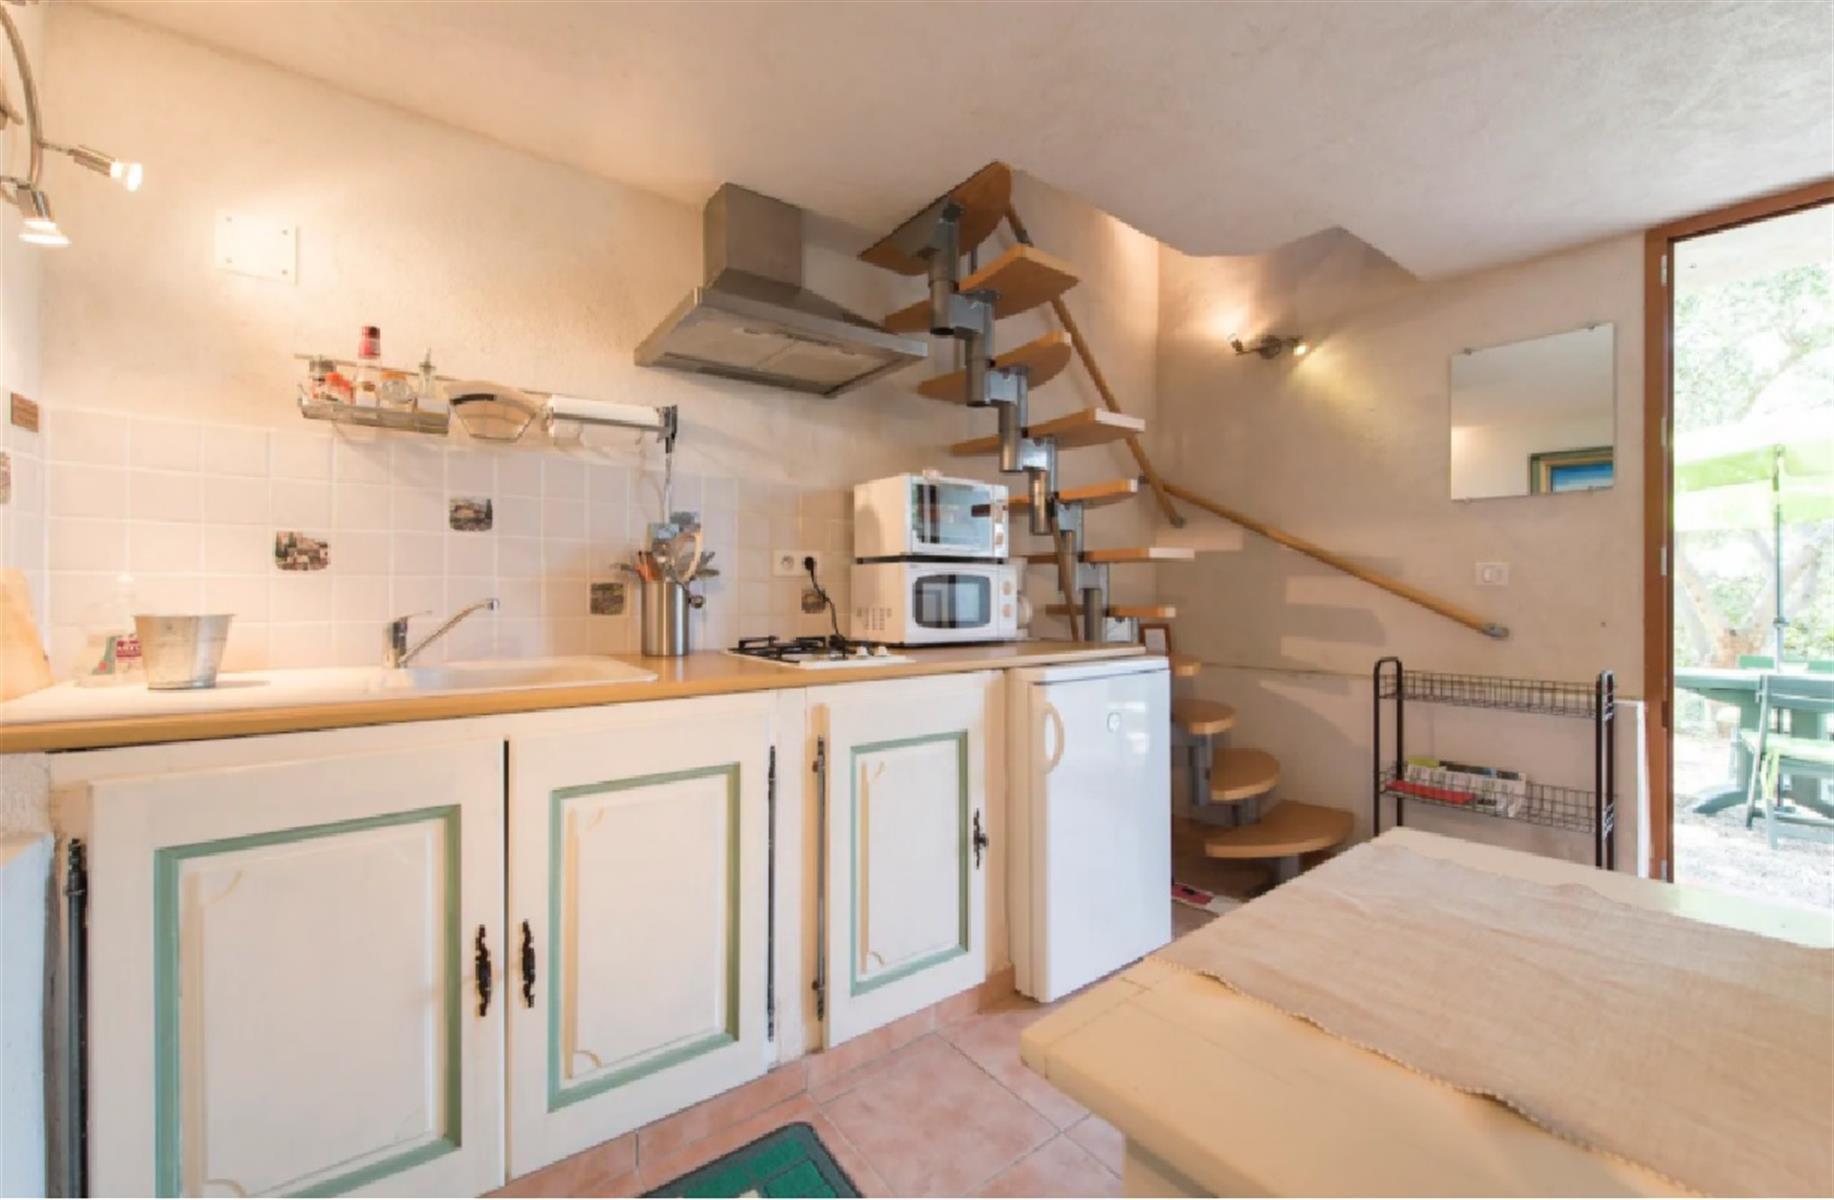 Maison de vacances - St-Cezaire-sur-Siagne      (Tour) - #4309620-4